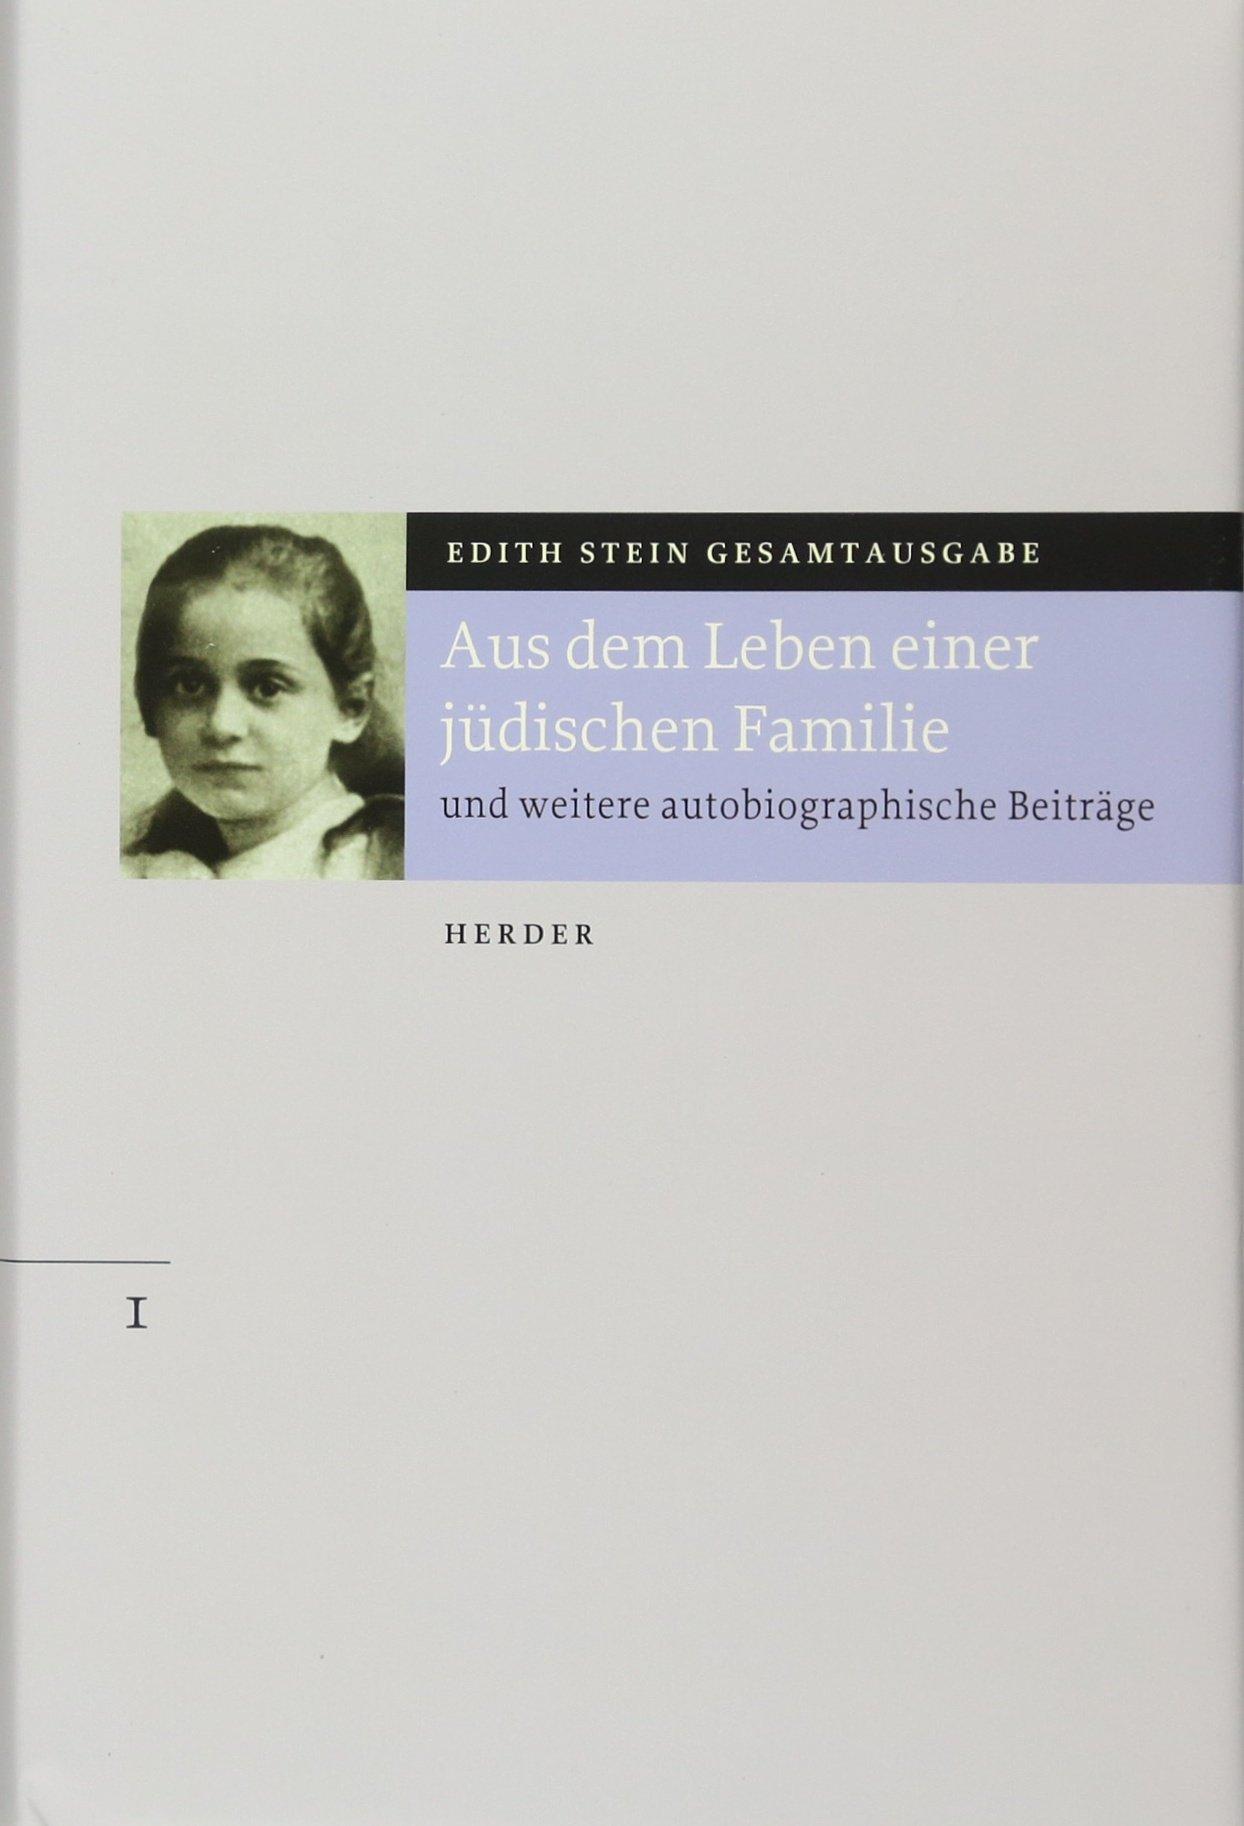 gesamtausgabe-aus-dem-leben-einer-jdischen-familie-und-weitere-autobiographische-beitrge-edith-stein-gesamtausgabe